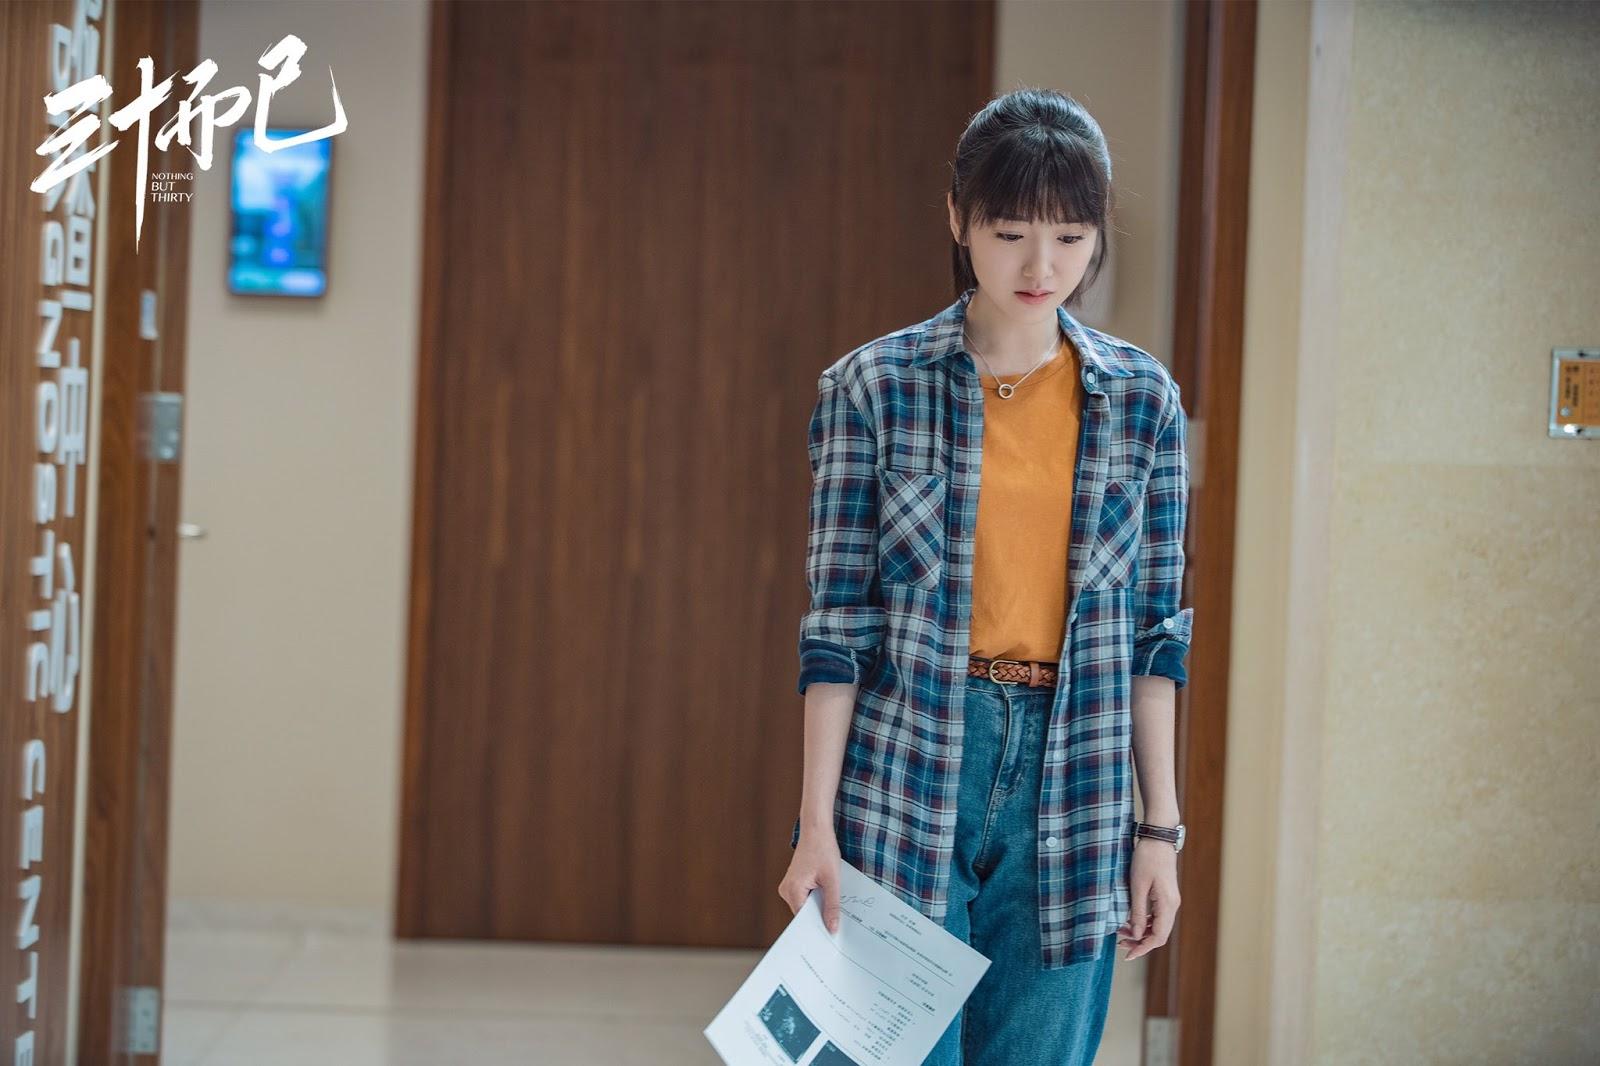 phim Trung Quốc 30 chưa phải là hết hiểu cần